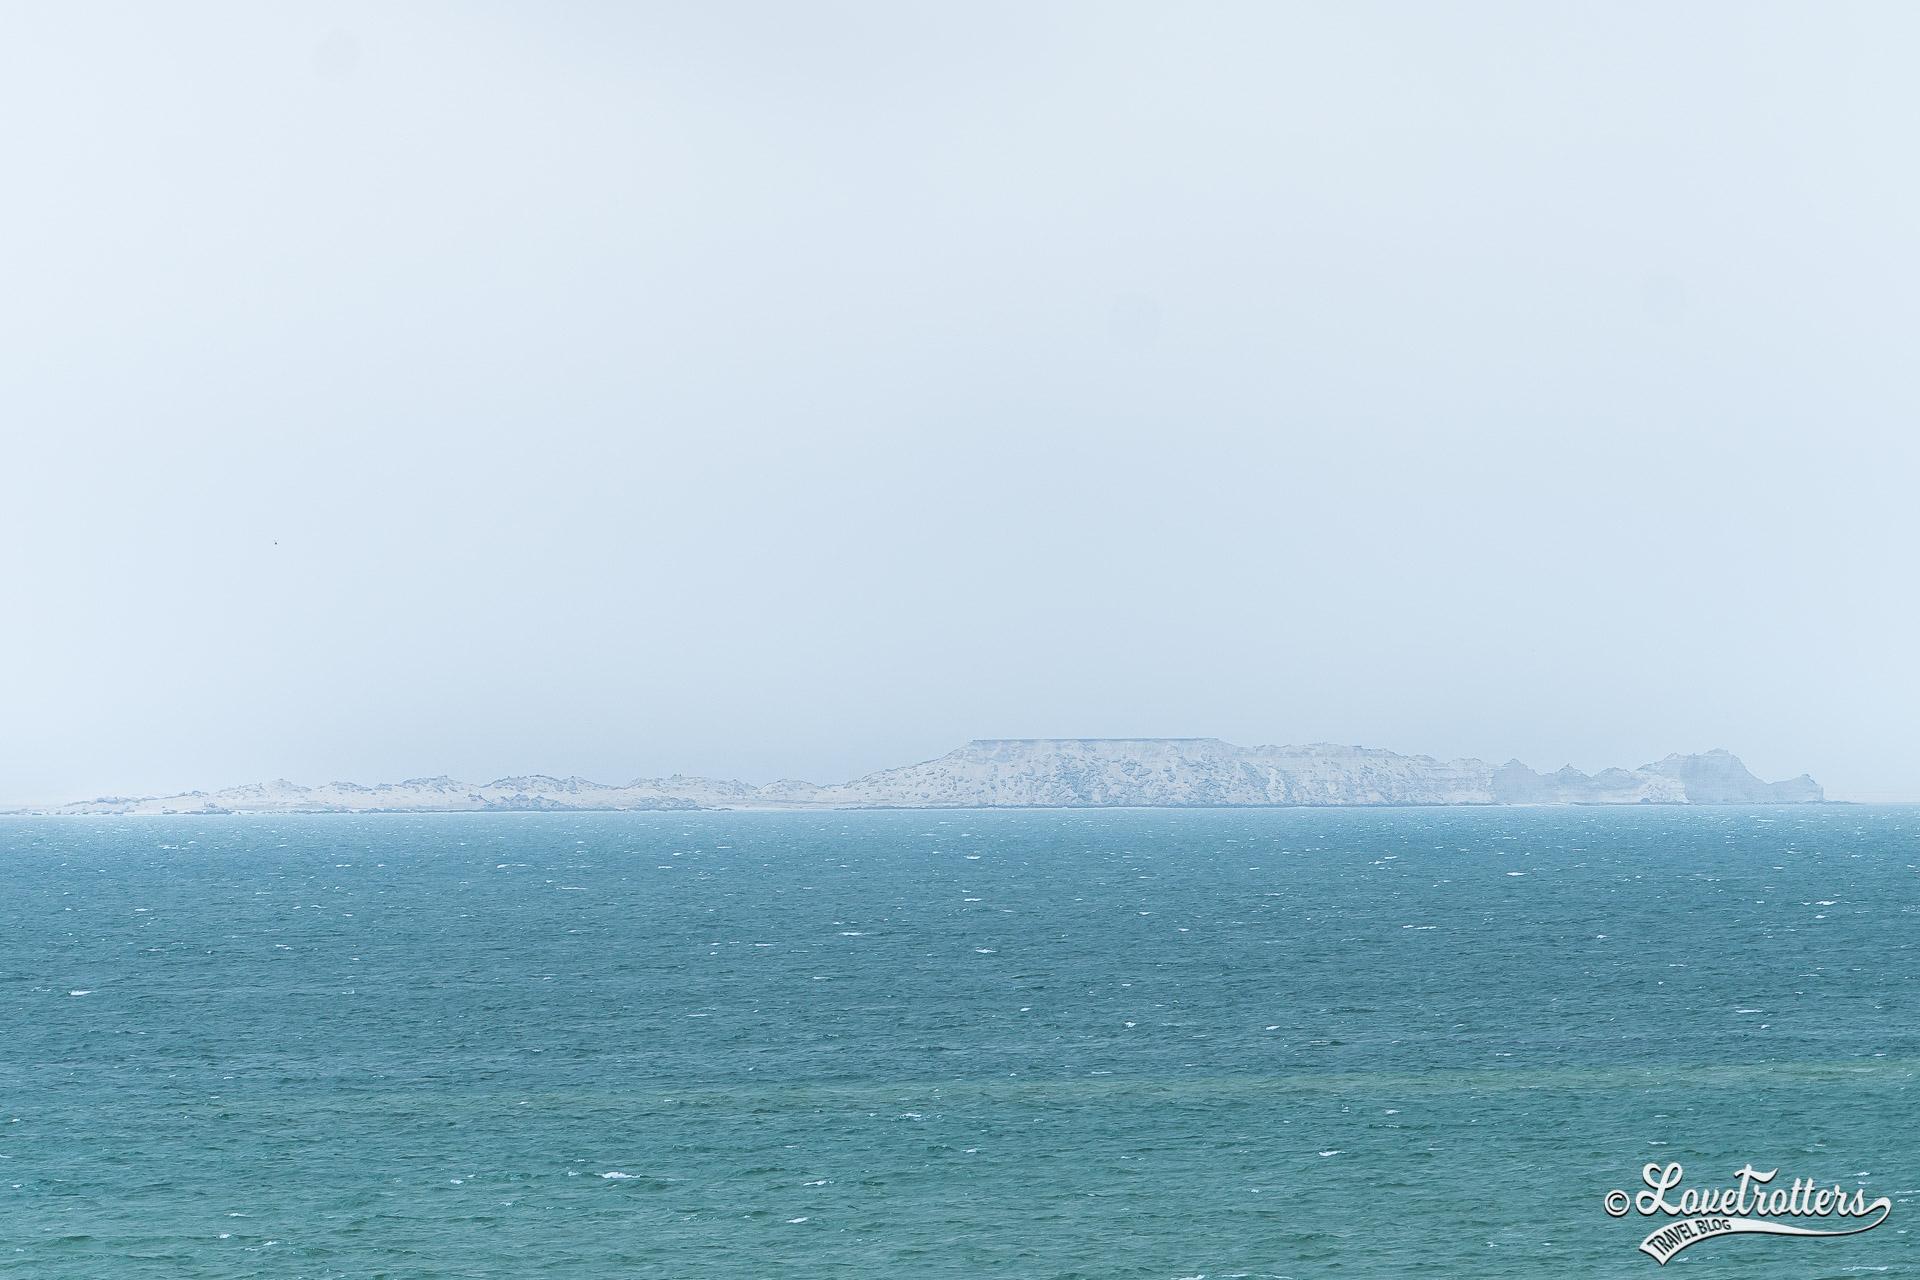 L'île Herné a la silouhette d'un dragon